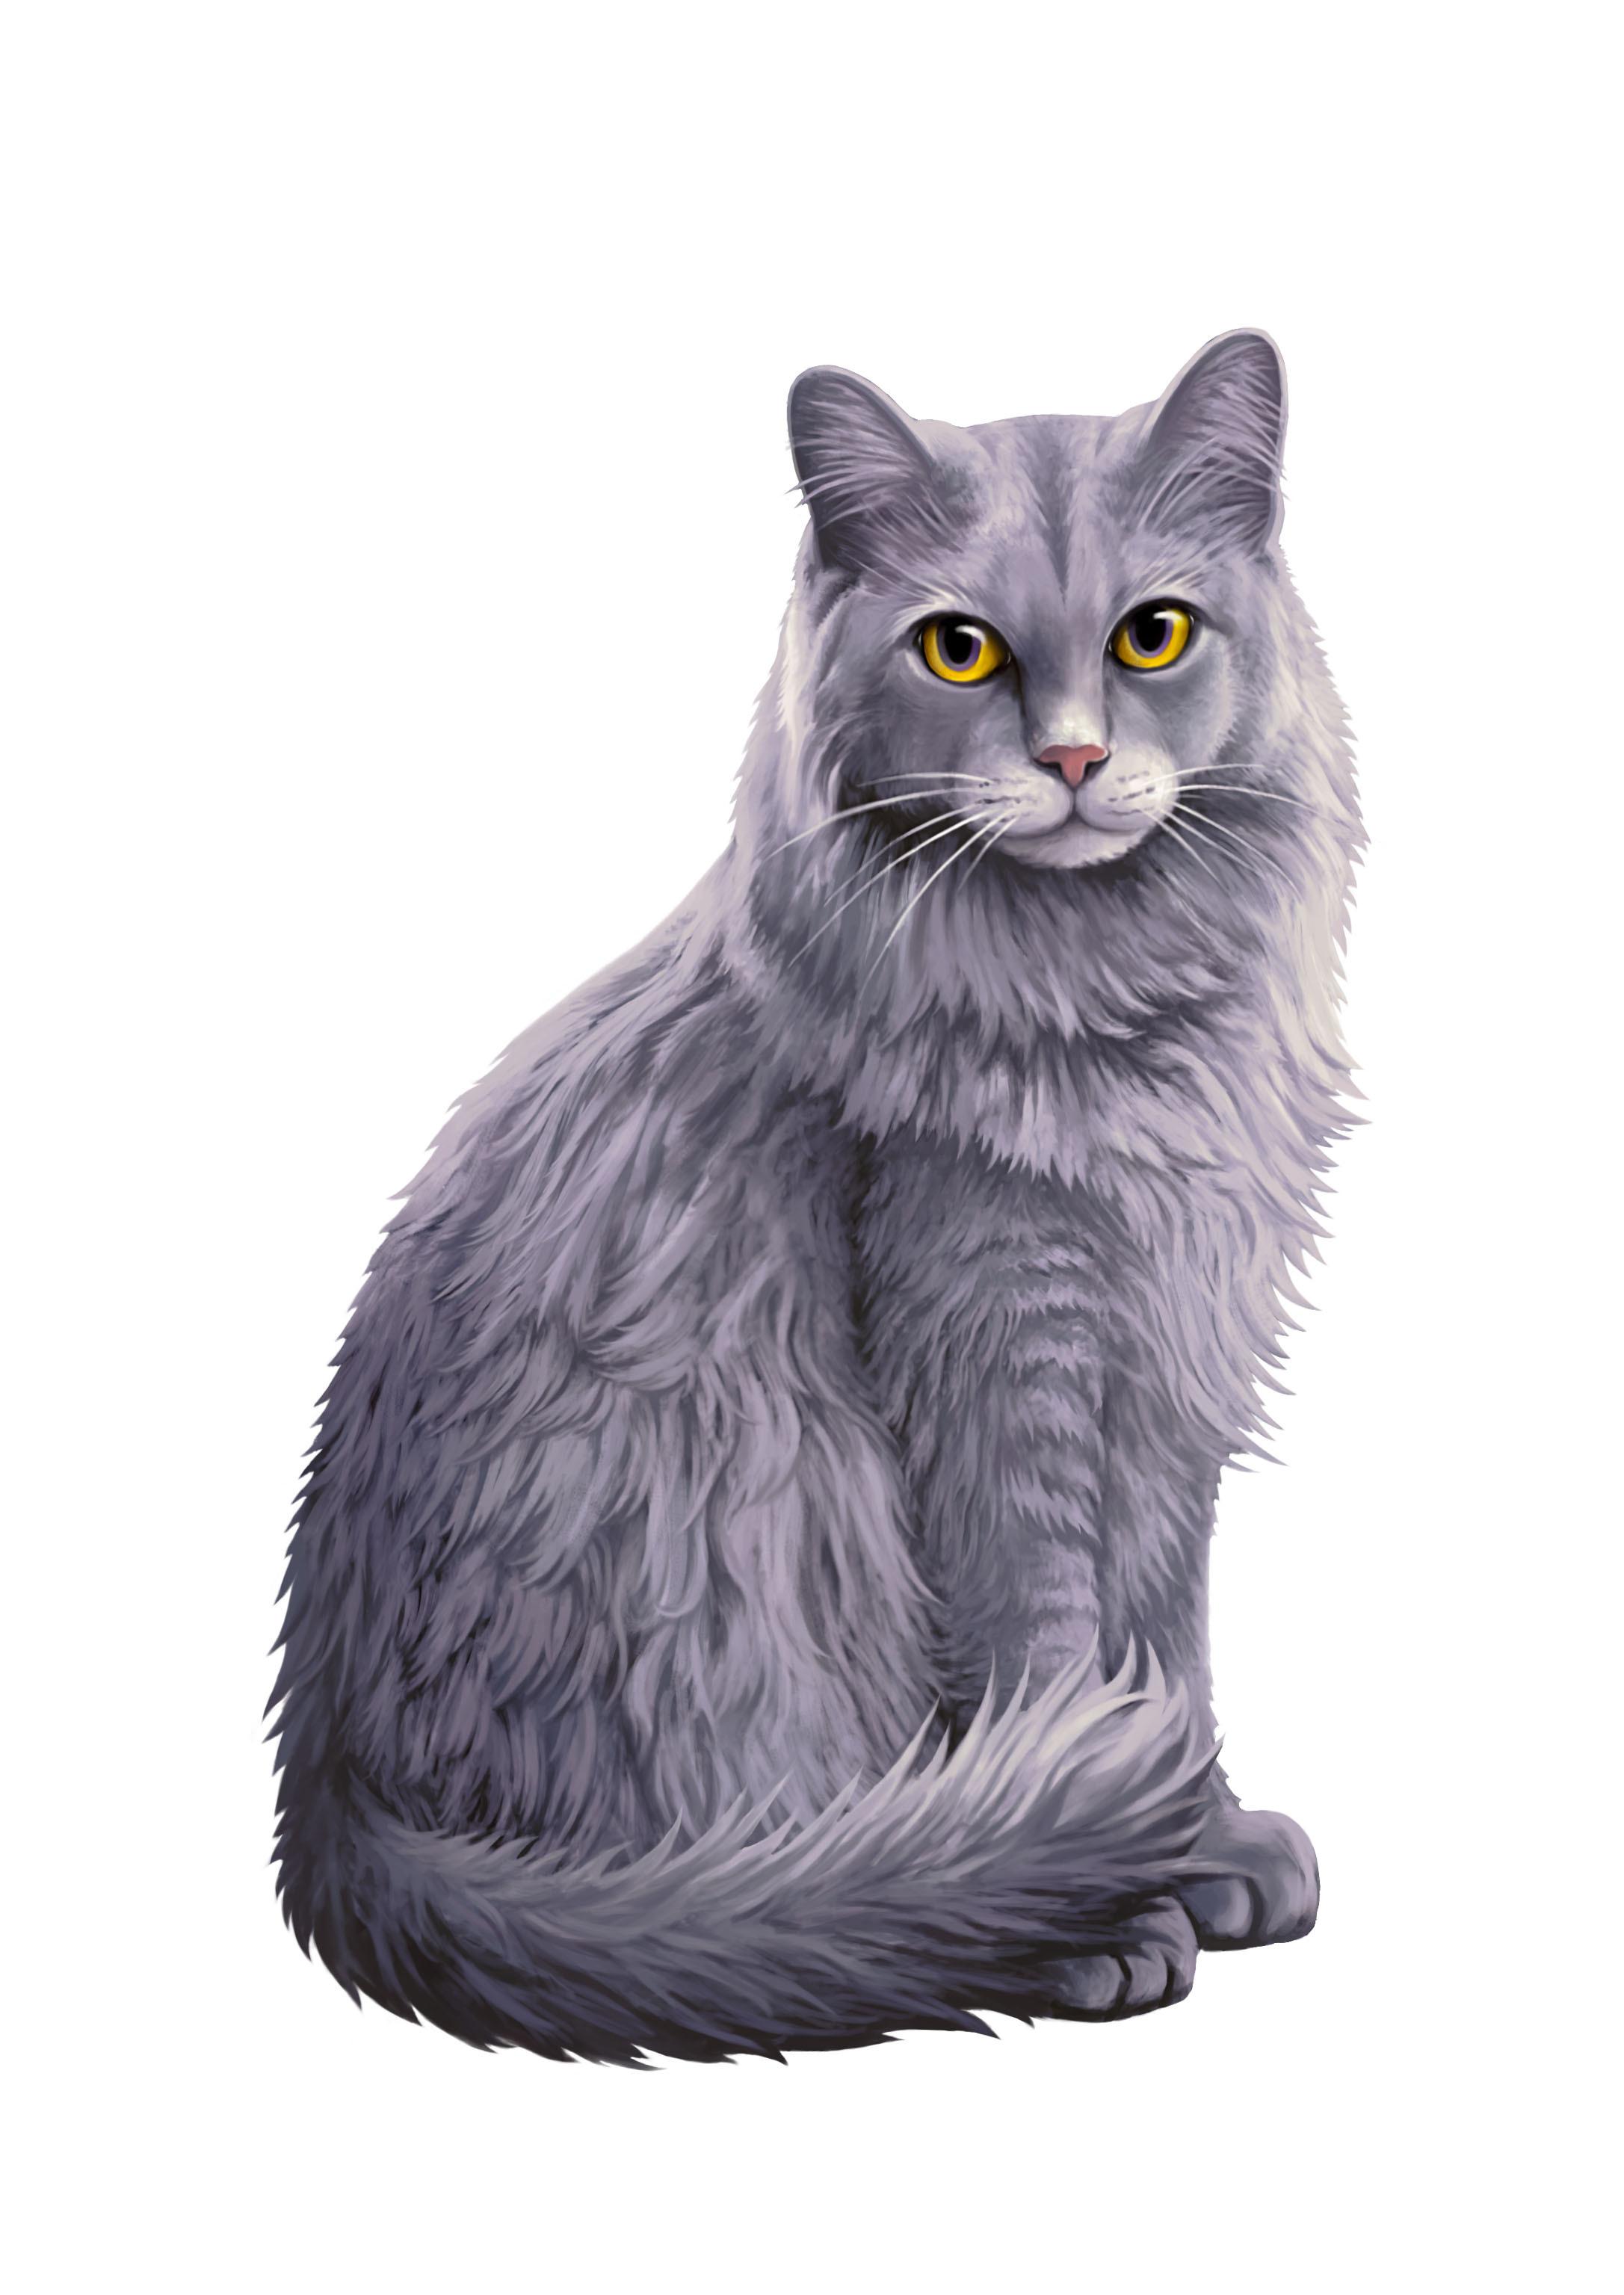 壁纸 动物 猫 猫咪 小猫 桌面 2173_3071 竖版 竖屏 手机